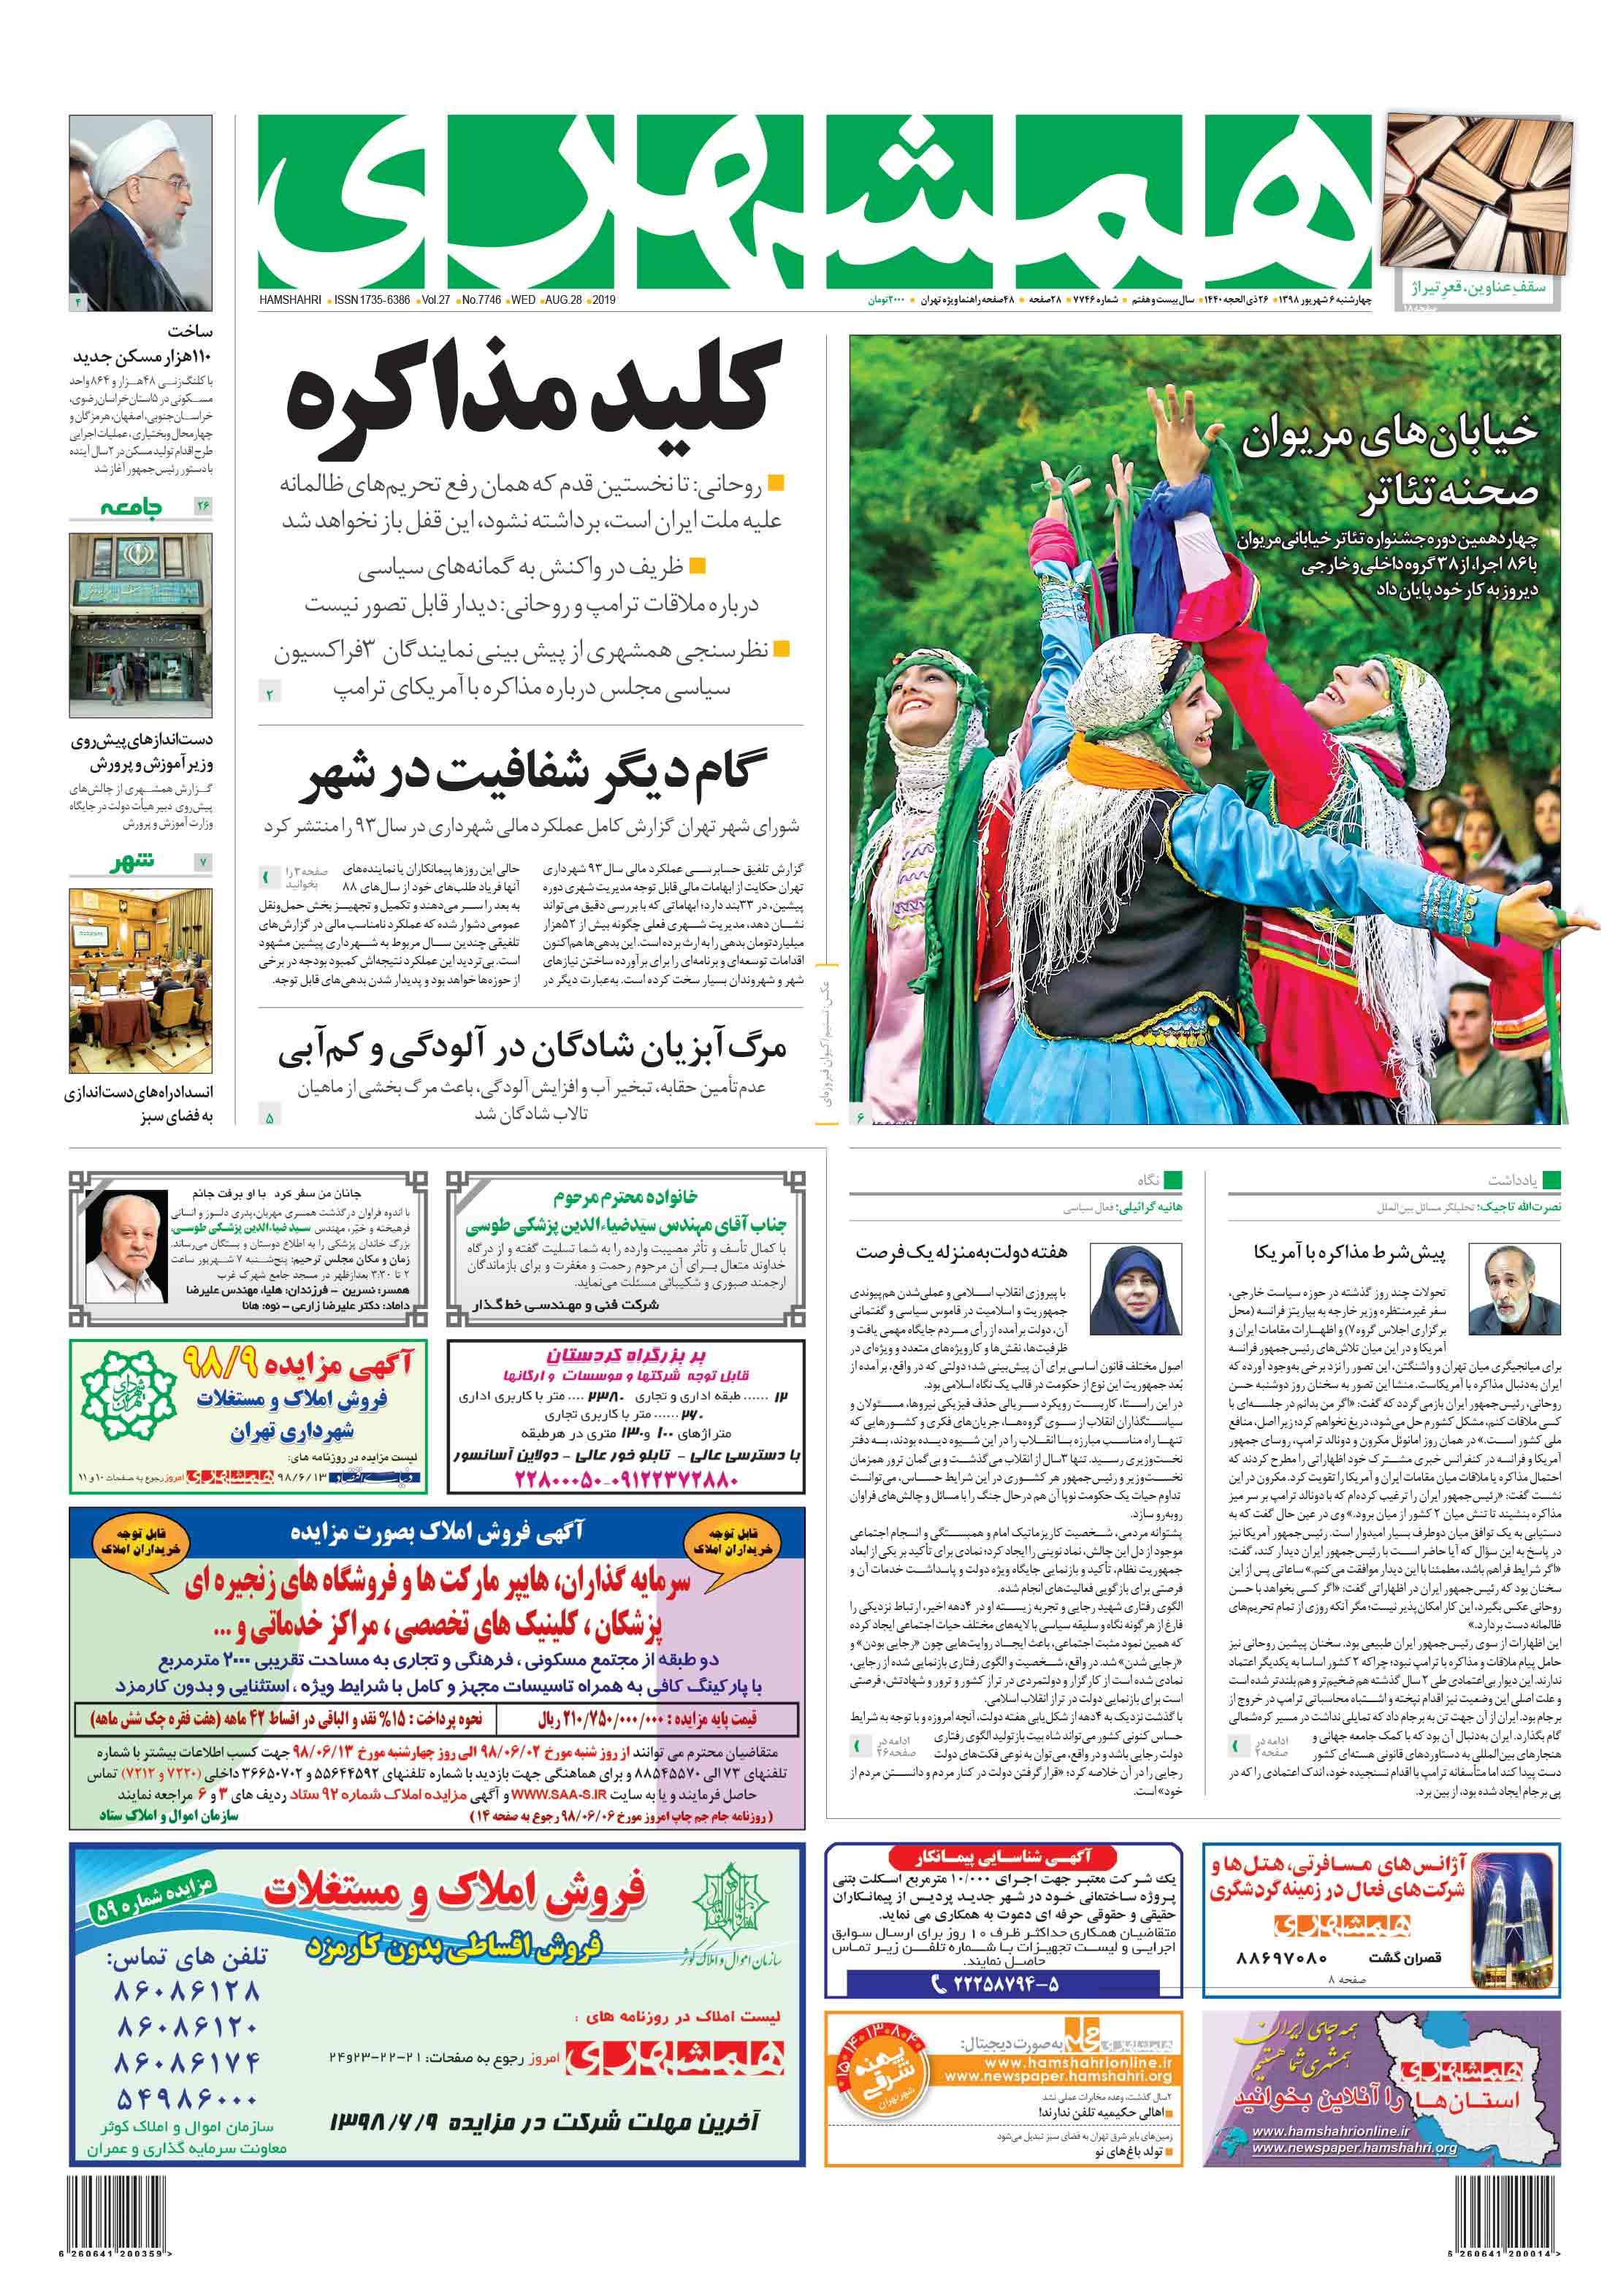 صفحه اول چهارشنبه 6 شهریور 1398